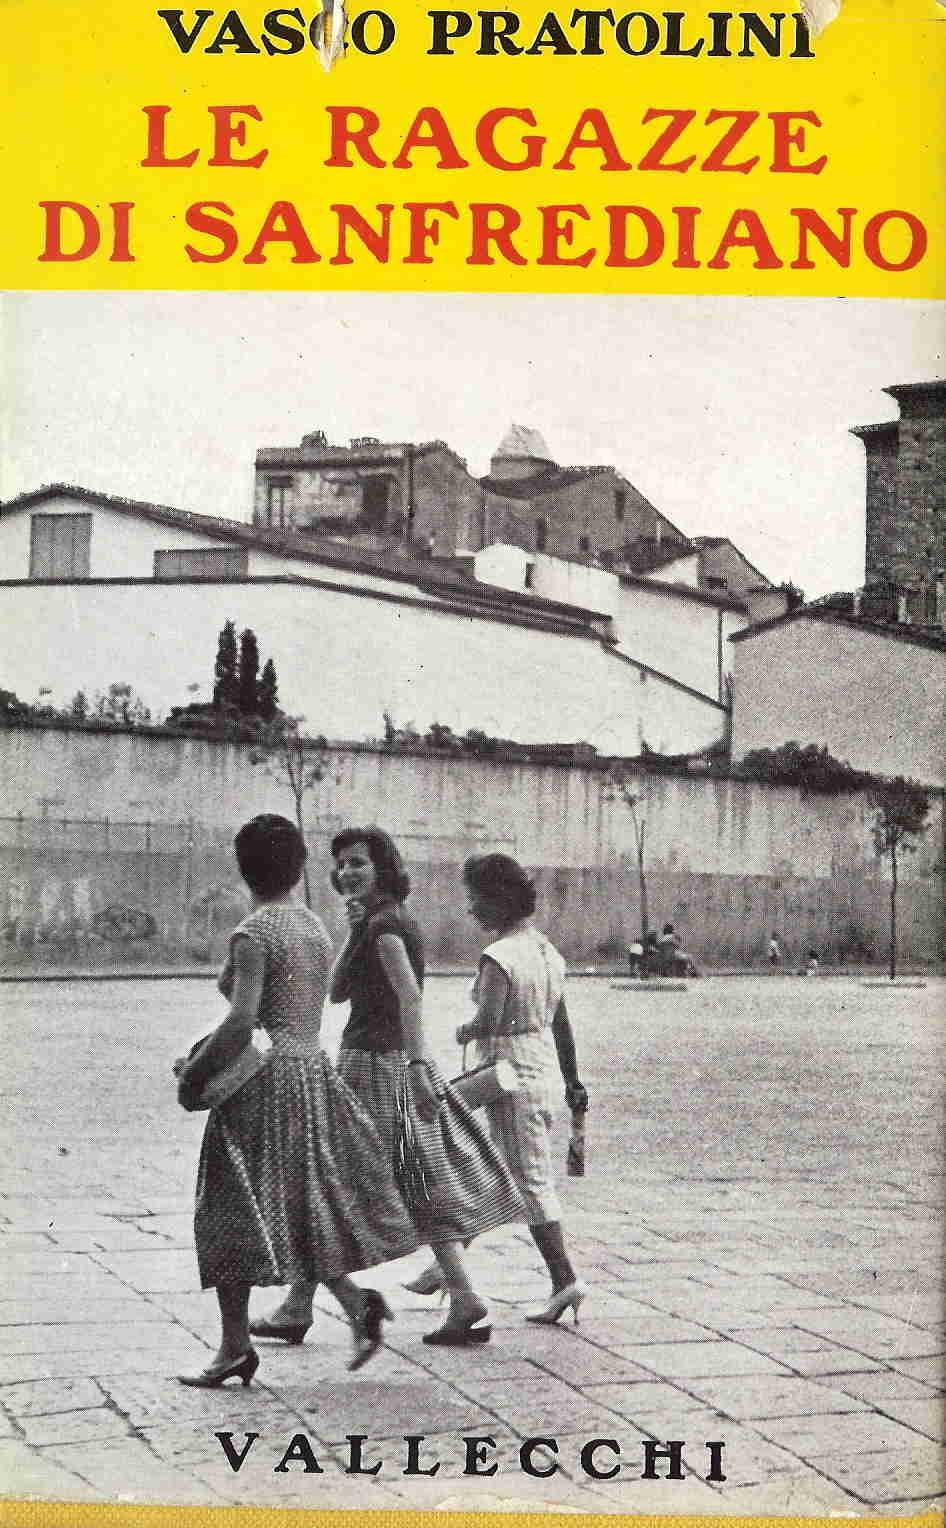 Le ragazze di Sanfrediano